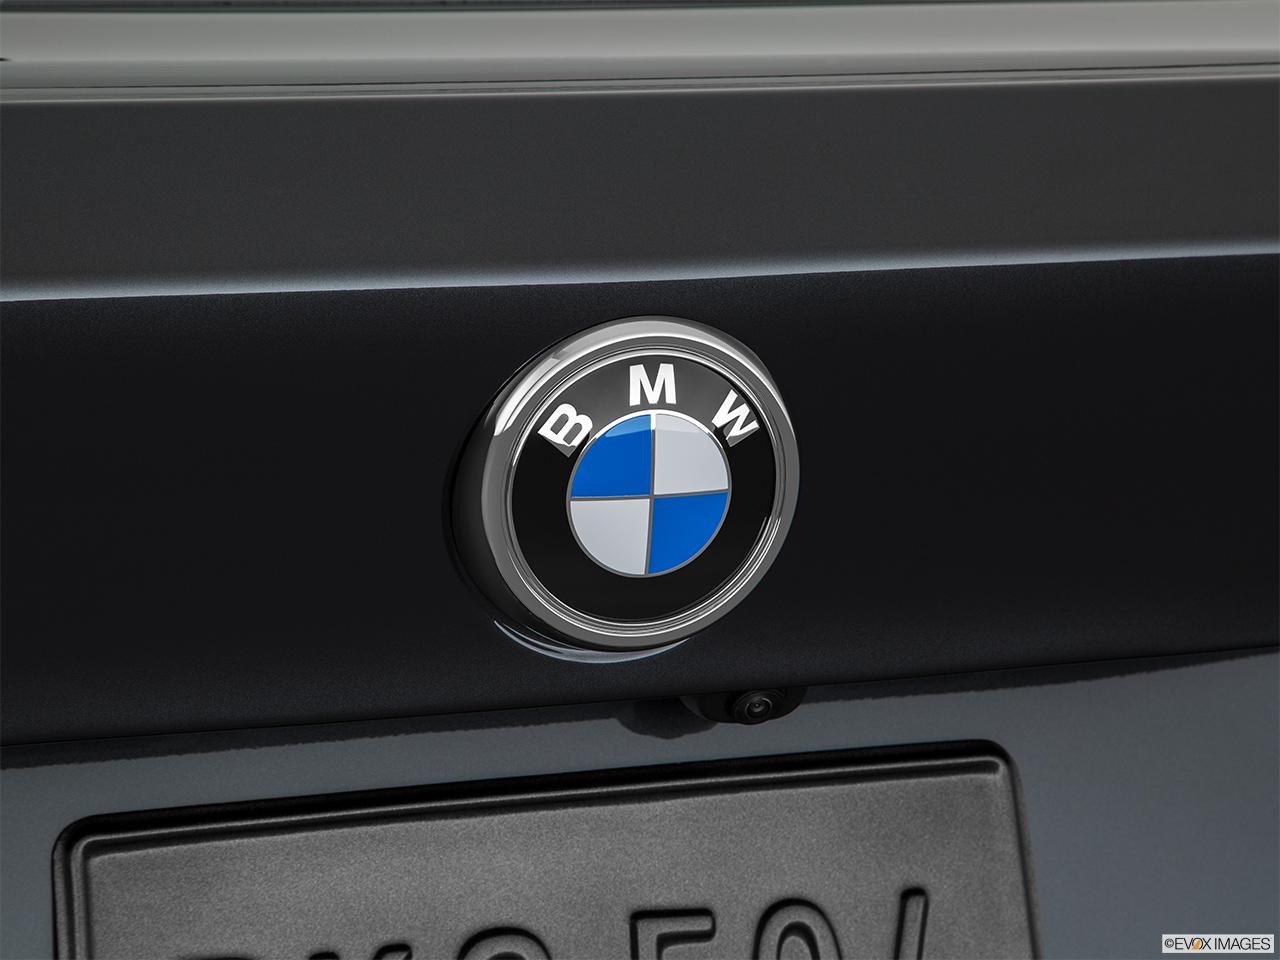 قائمة صور السيارة لل بي إم دبليو اكس4 2018 Xdrive 28i